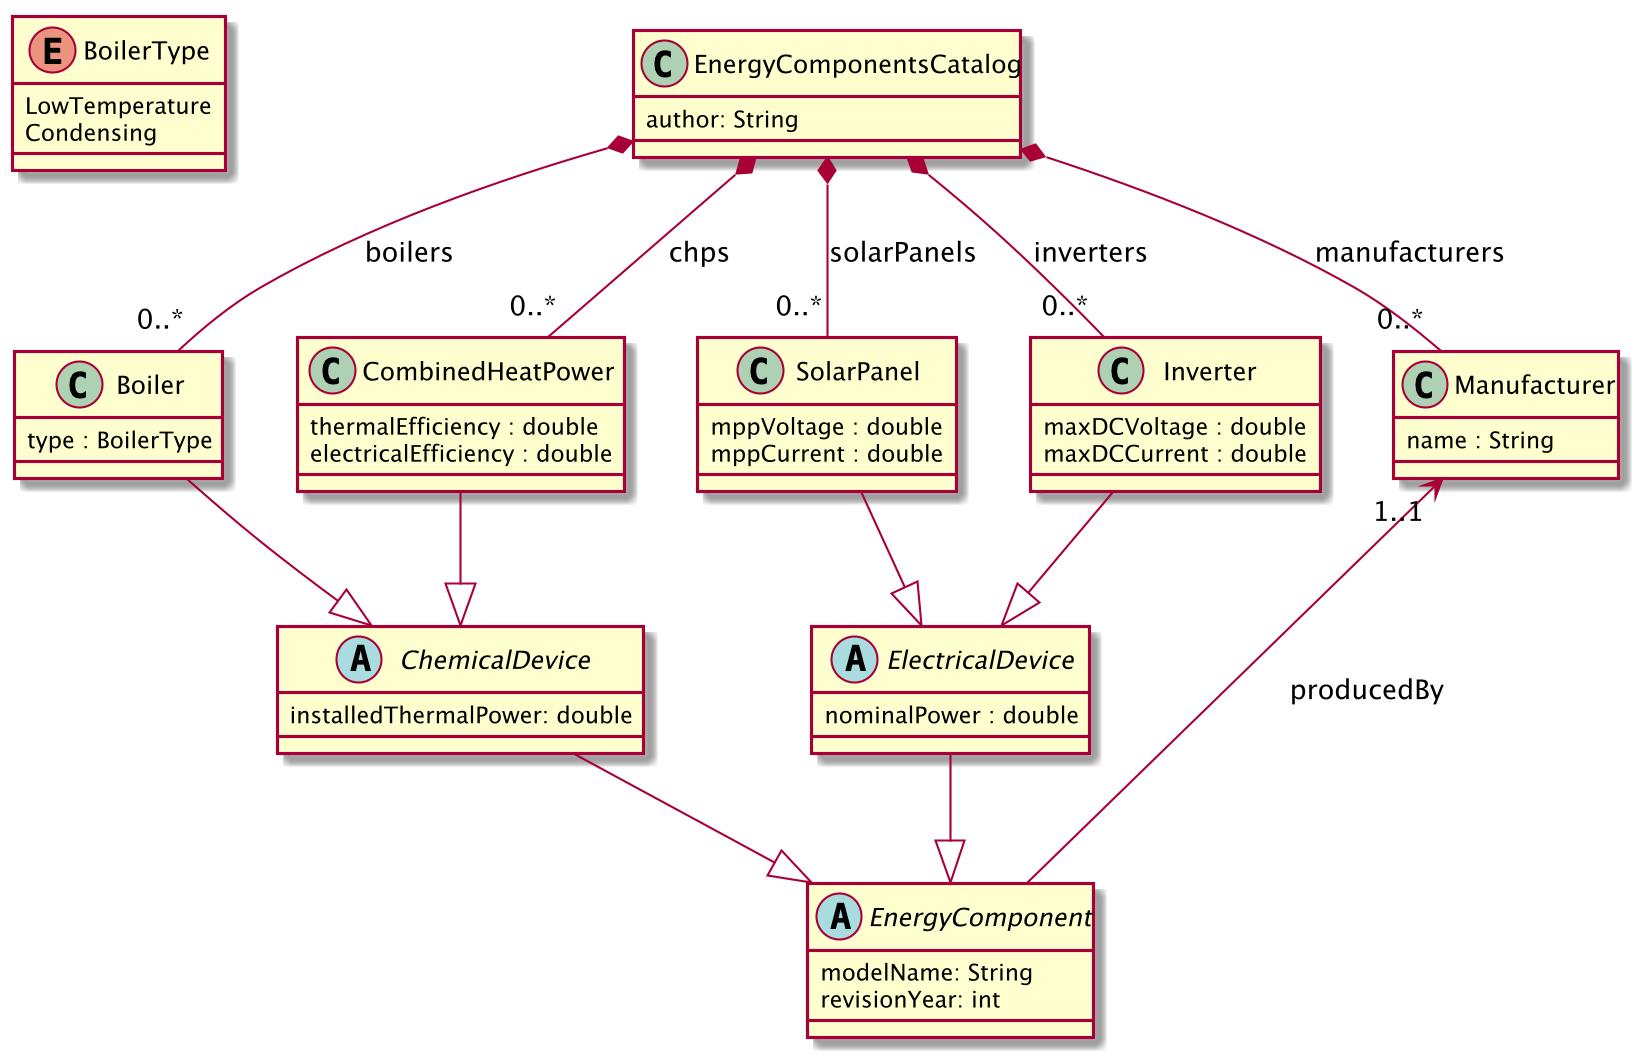 ParameterCatalogs2Images/CatalogStructure.png